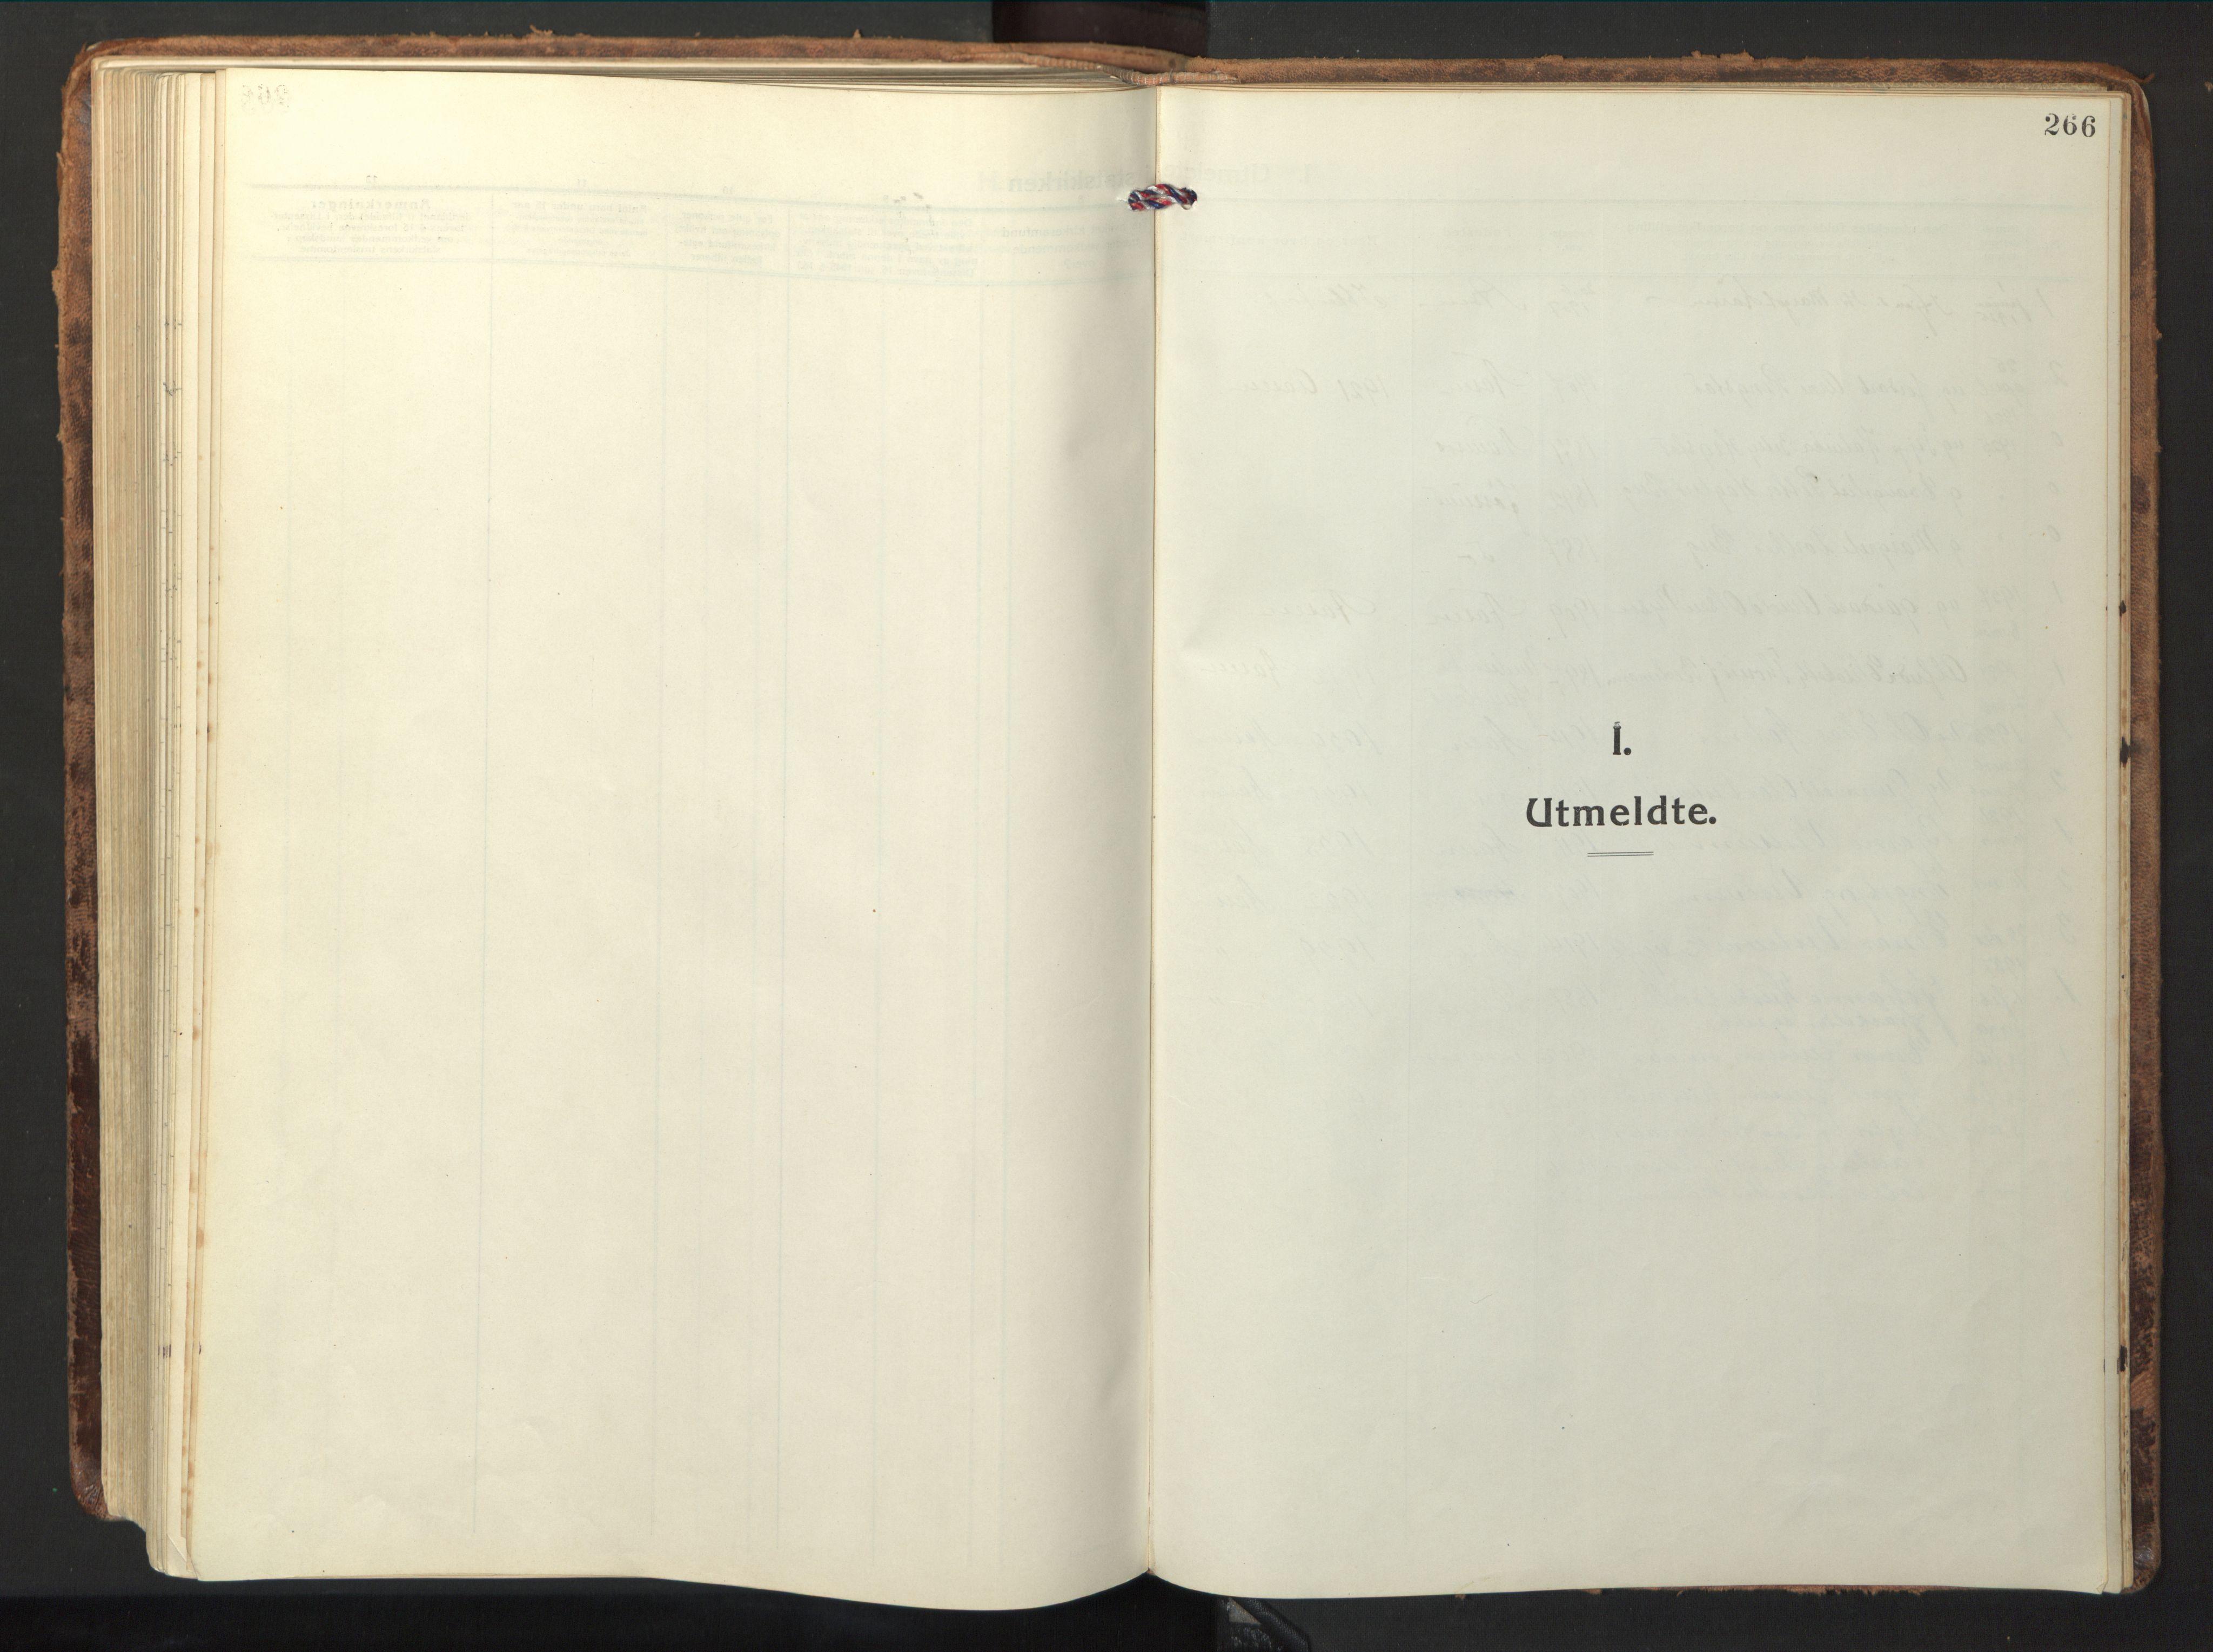 SAT, Ministerialprotokoller, klokkerbøker og fødselsregistre - Nord-Trøndelag, 714/L0136: Klokkerbok nr. 714C05, 1918-1957, s. 266